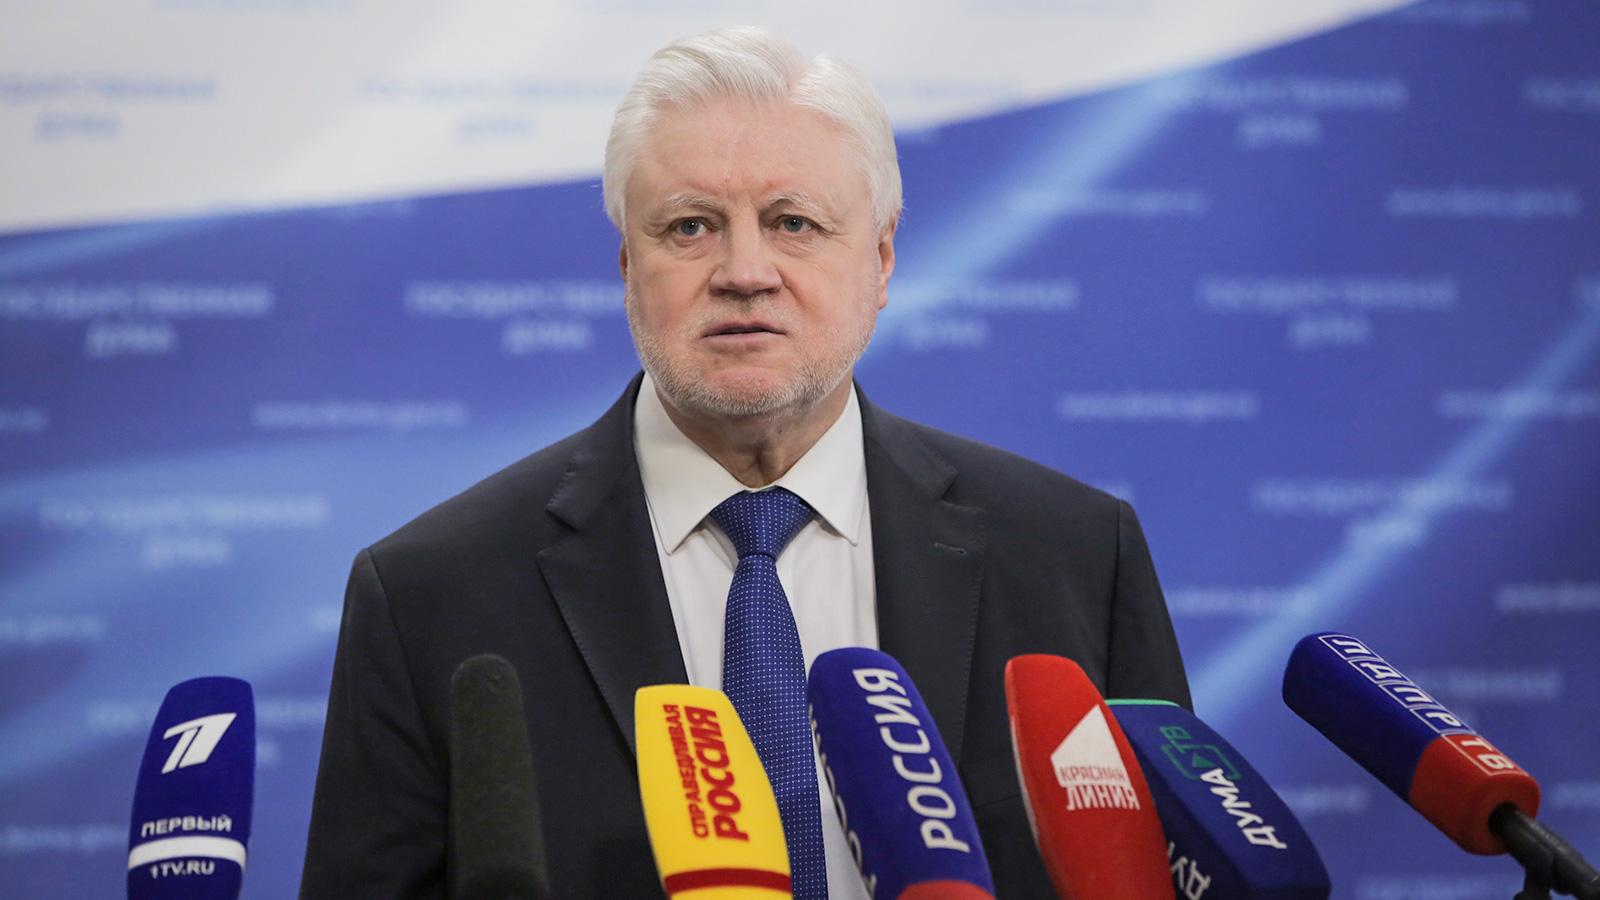 Сергей Миронов о необходимости регулирования цен на продукты первой необходимости